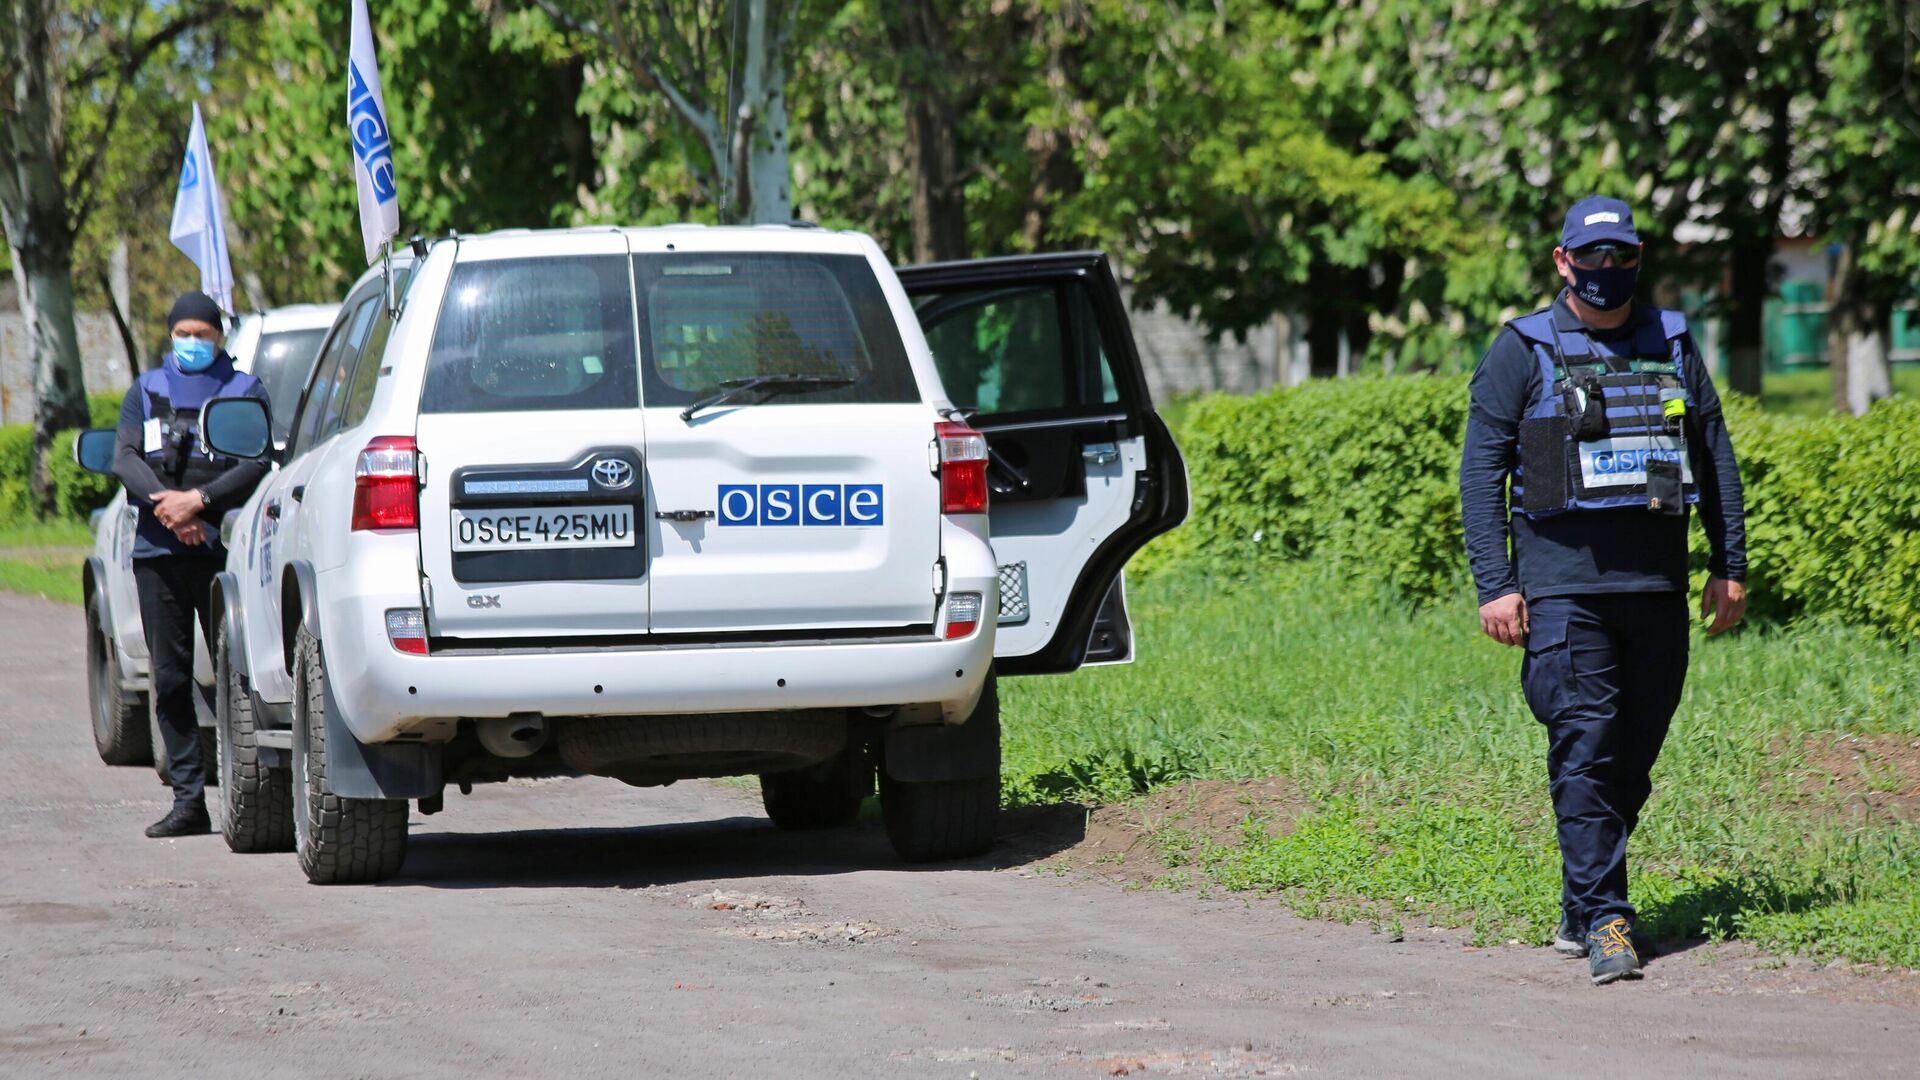 Представители мониторинговой миссии ОБСЕ прибыли на место обстрела в Петровском районе Донецка - РИА Новости, 1920, 05.07.2021